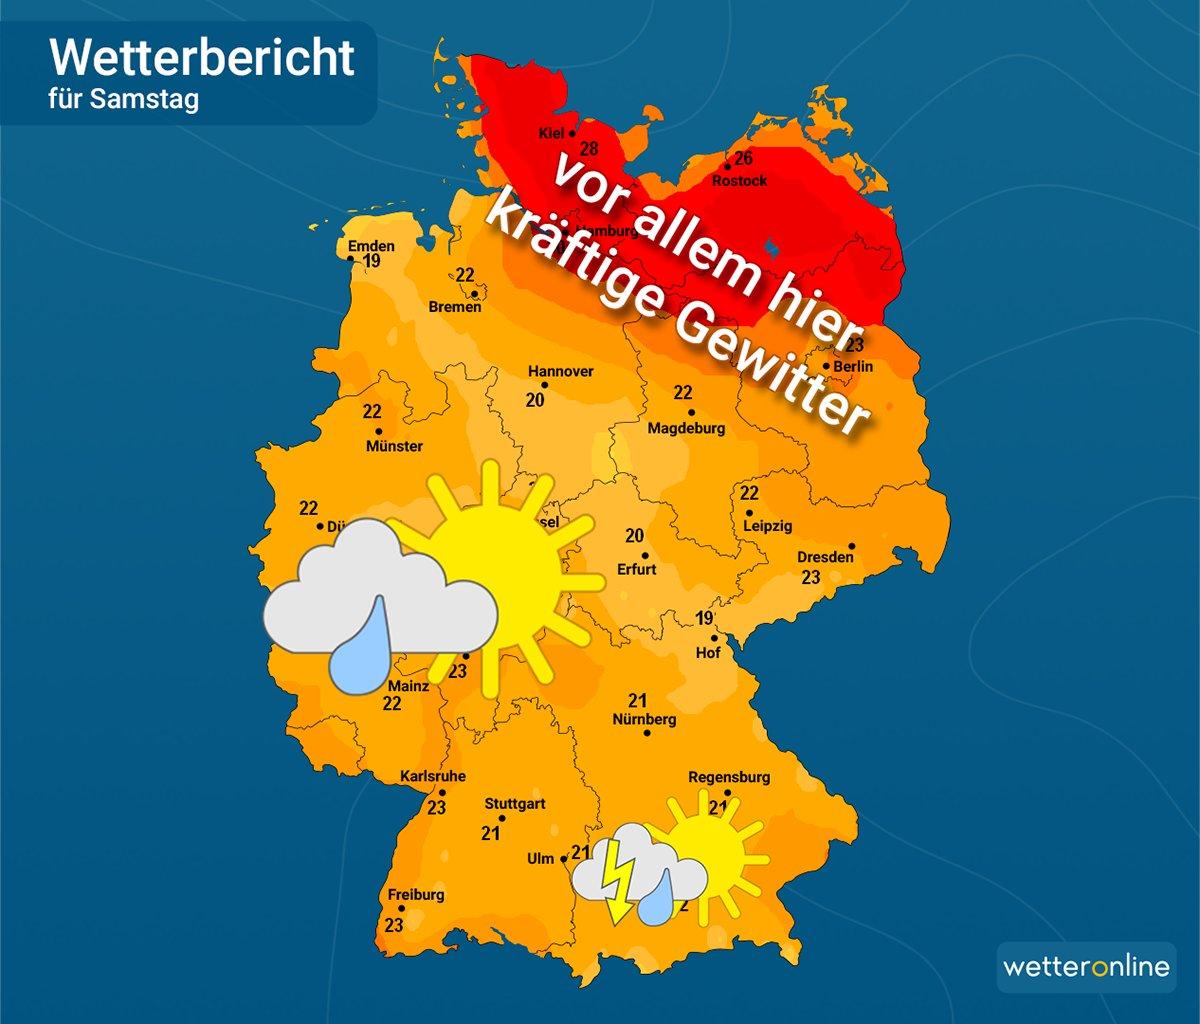 Wetteronlinede On Twitter Morgen Erneut Gewitter Vor Allem Im